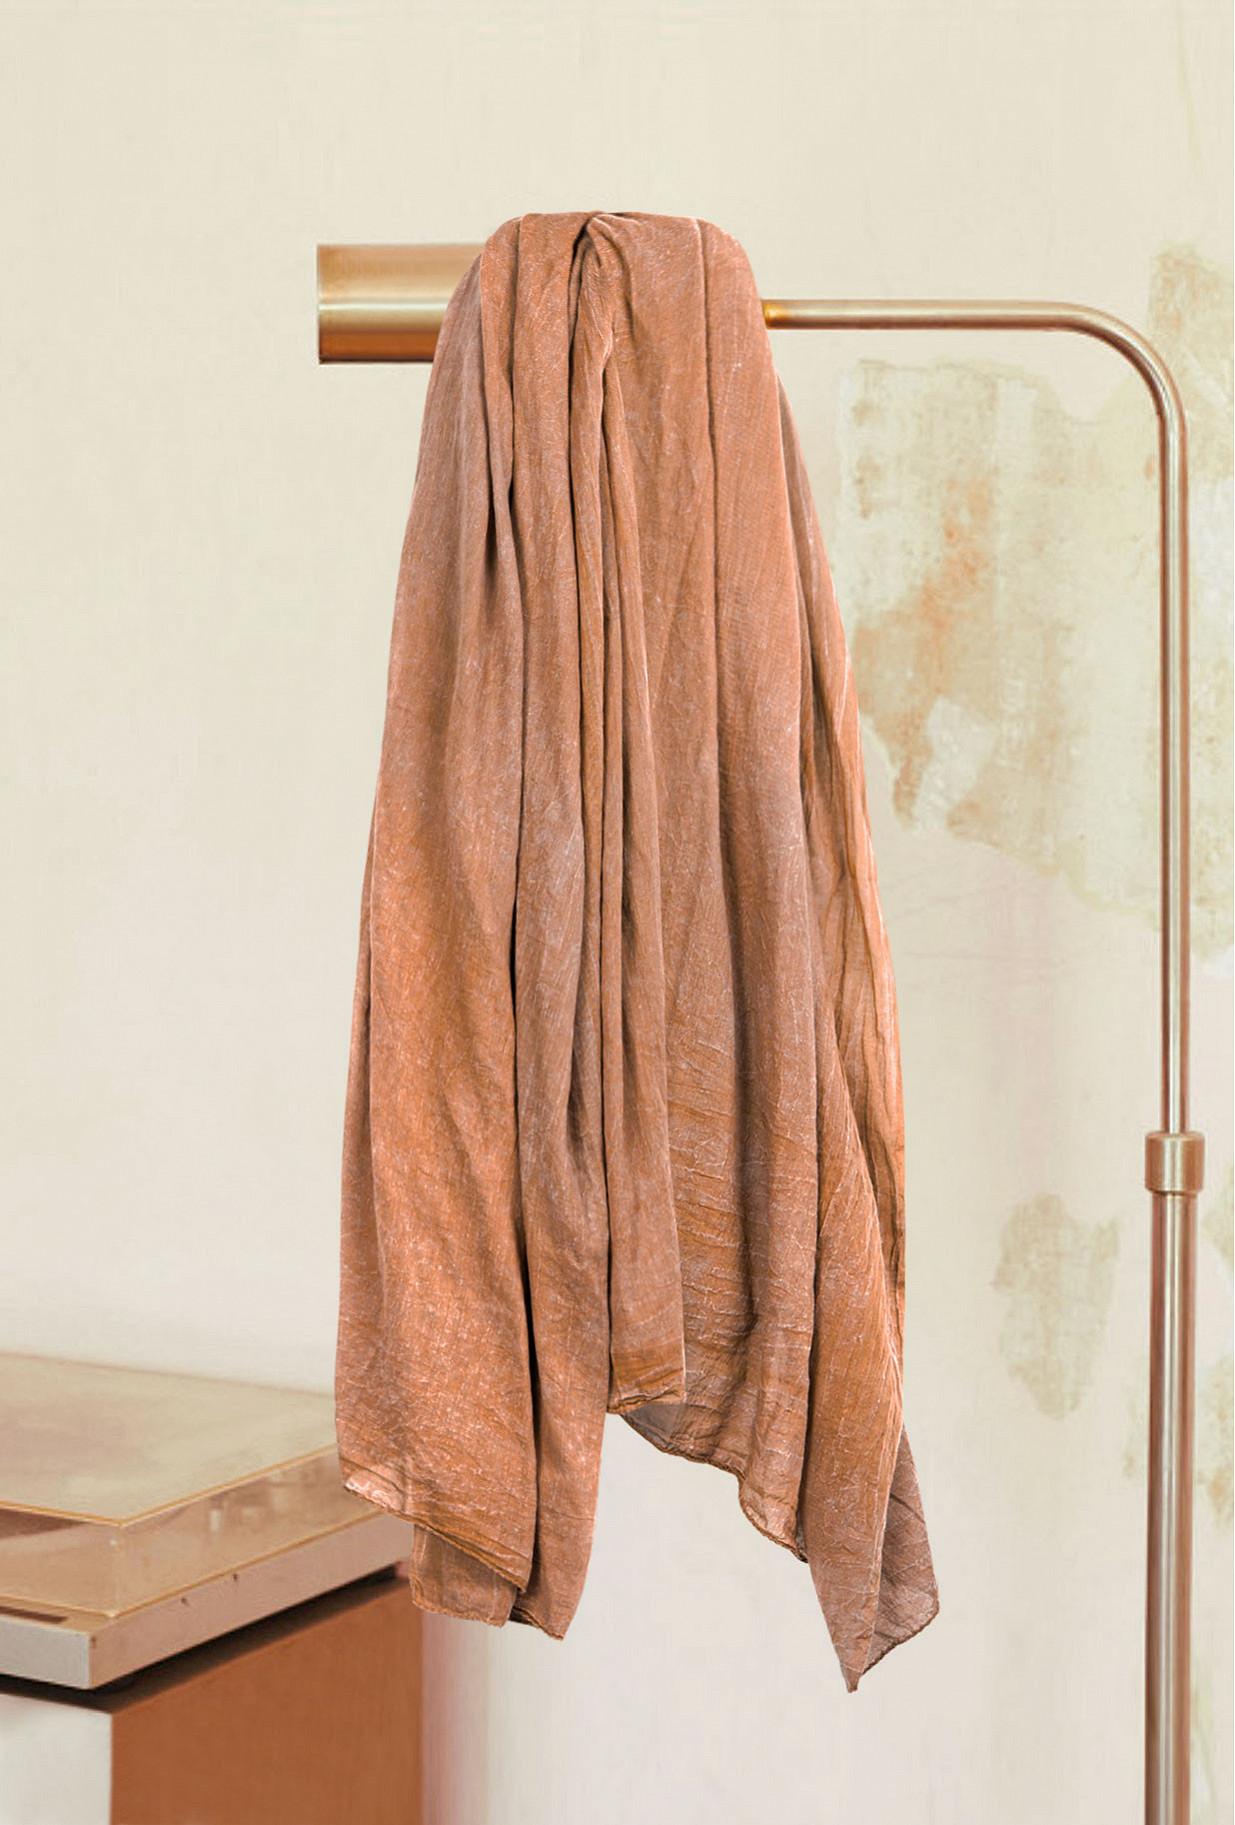 Nude  Scarf  Pilou Mes demoiselles fashion clothes designer Paris